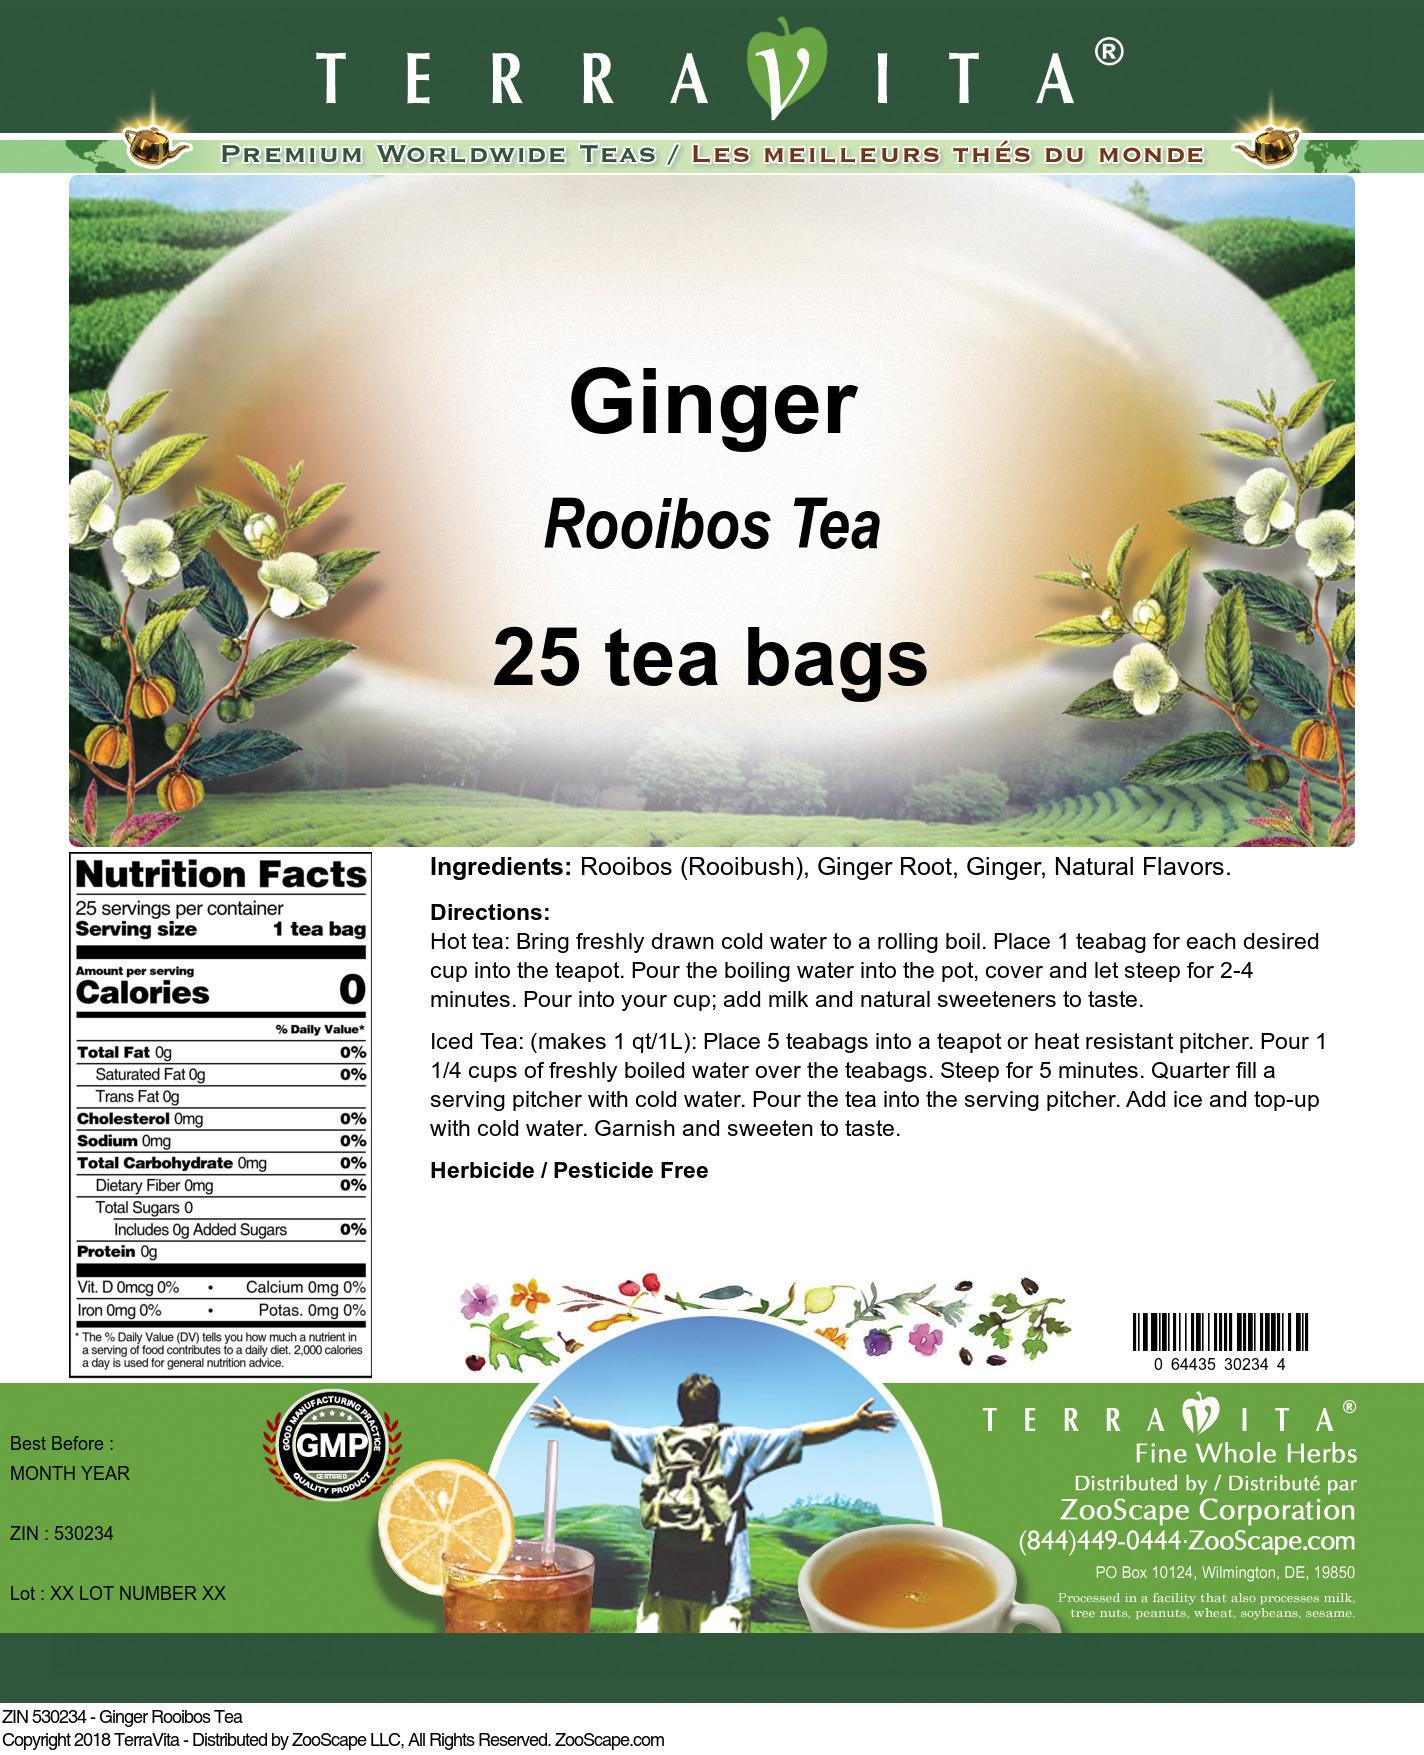 Ginger Rooibos Tea